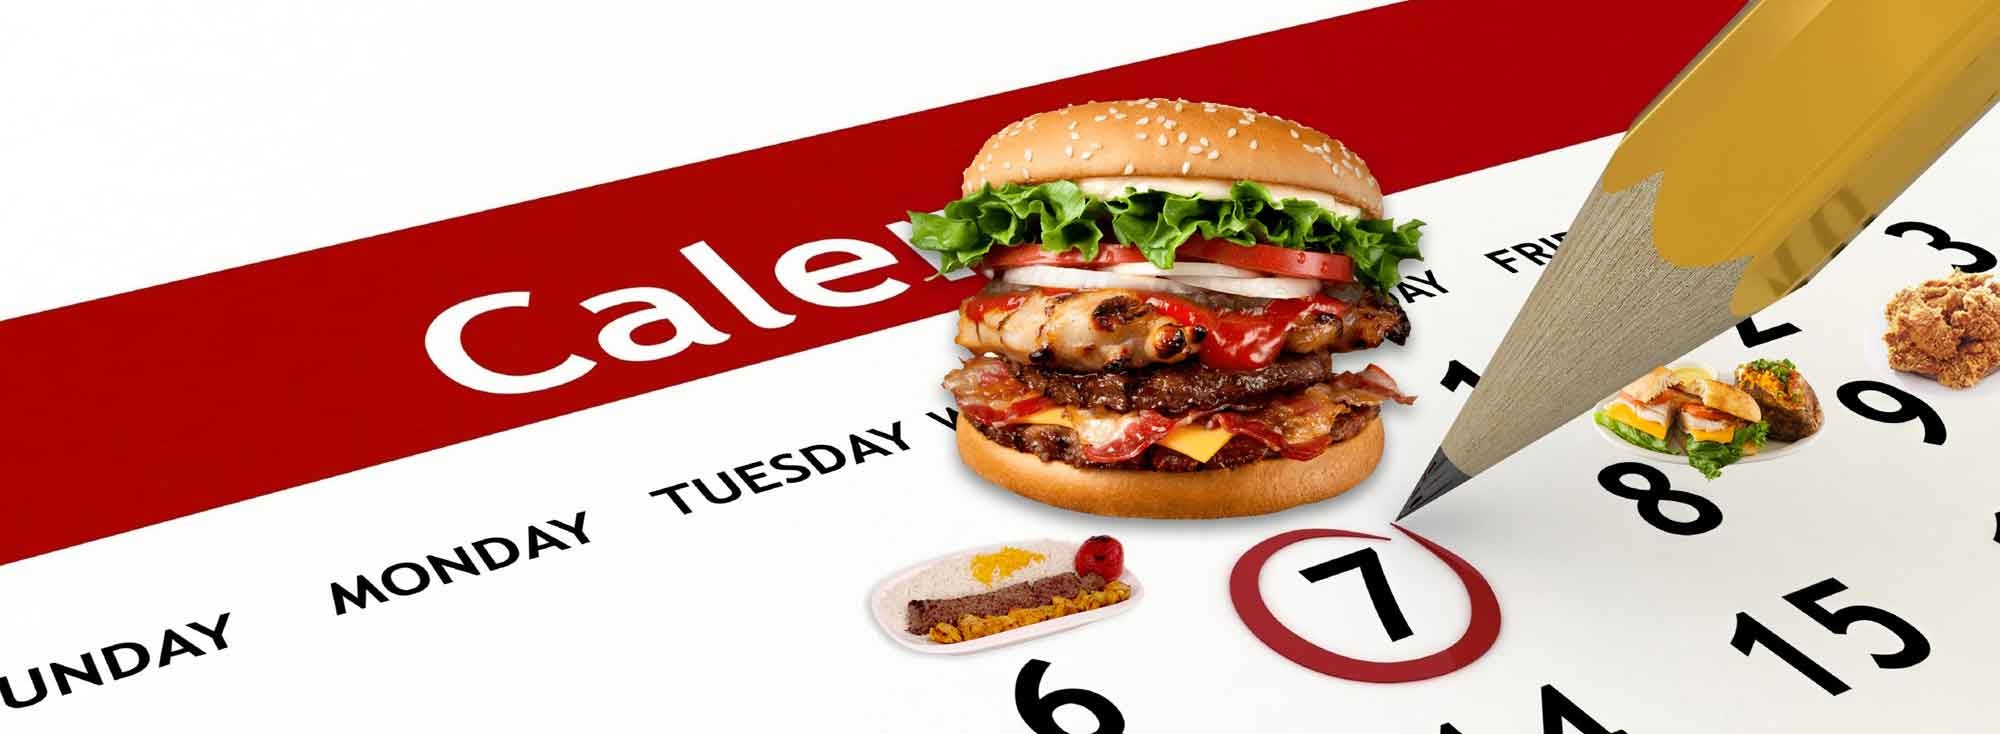 تقویم خوراکی : هر روز یک غذای جدید